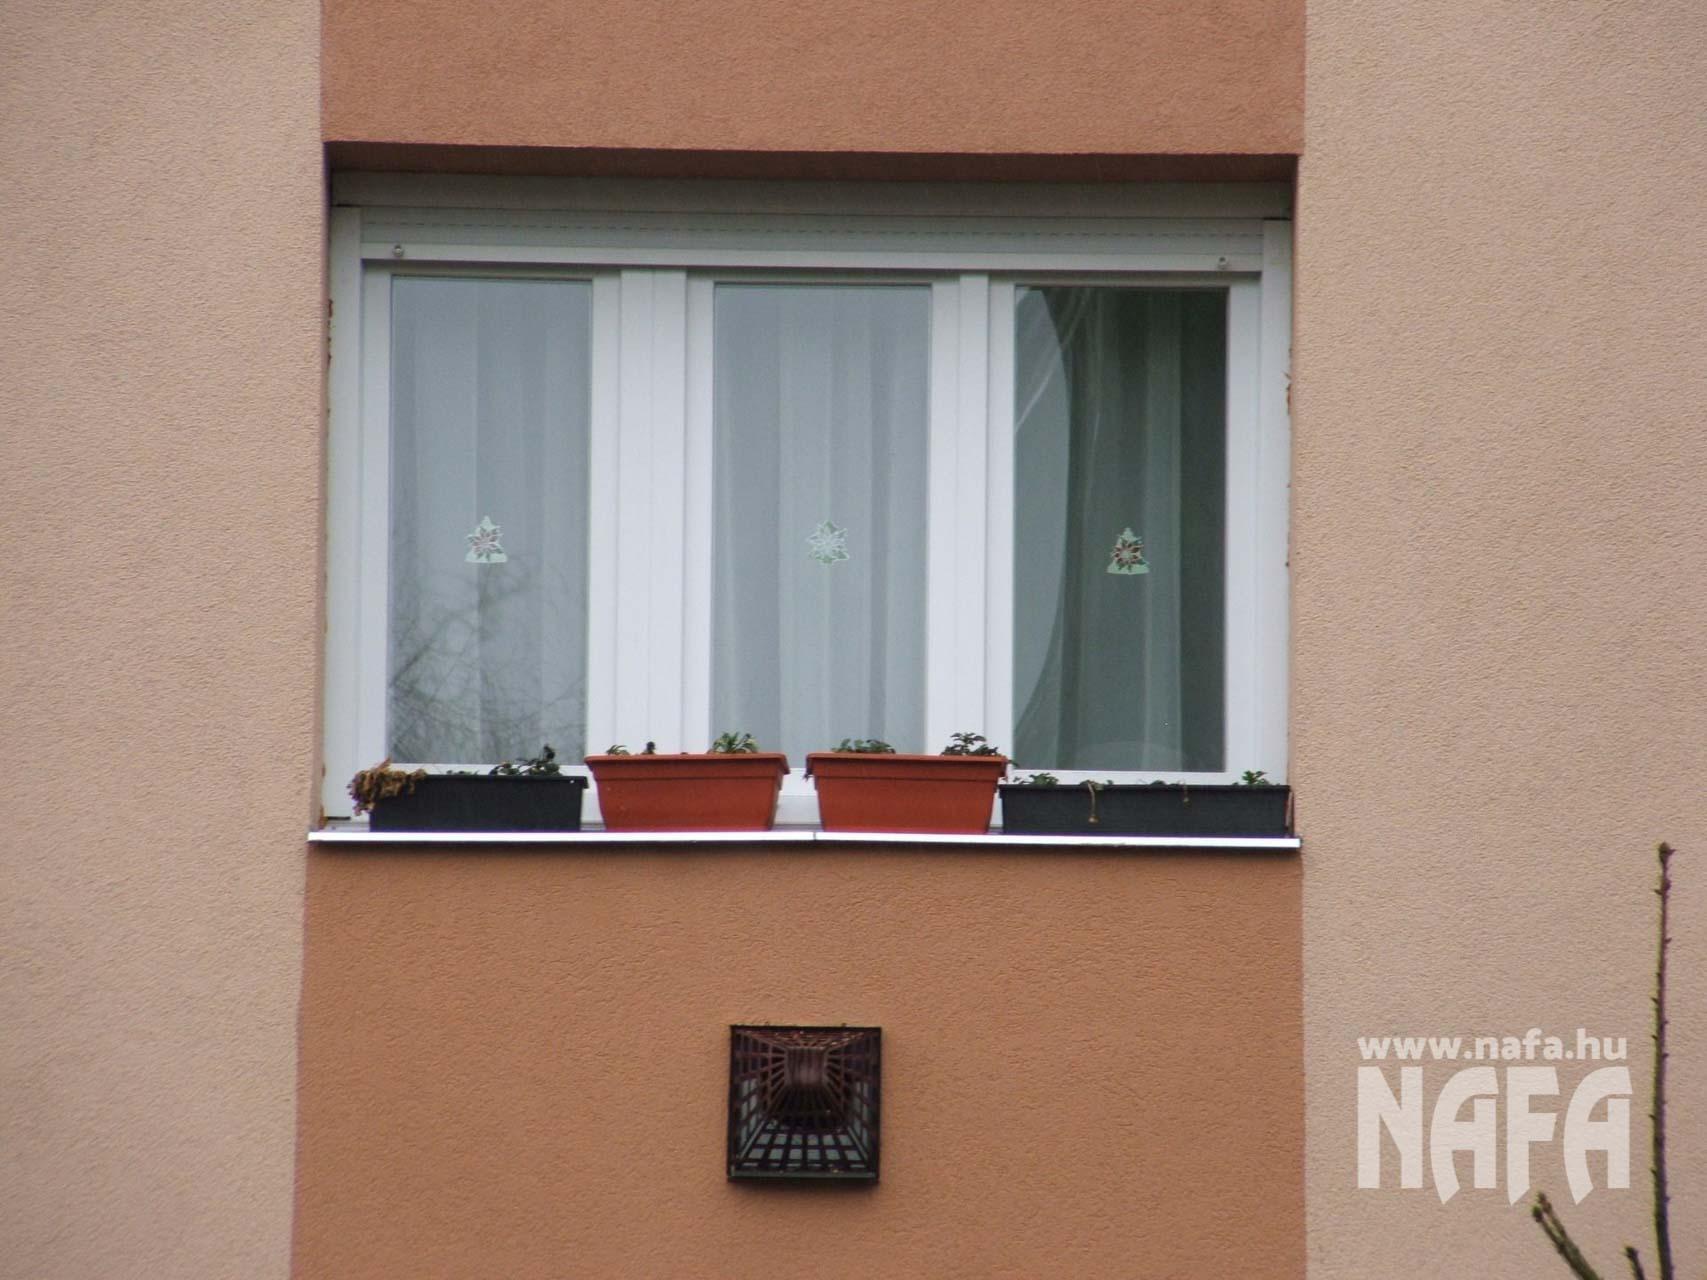 Műanyag nyílászárók, egyedi ablakok és ajtók, Nagyatád Társasház